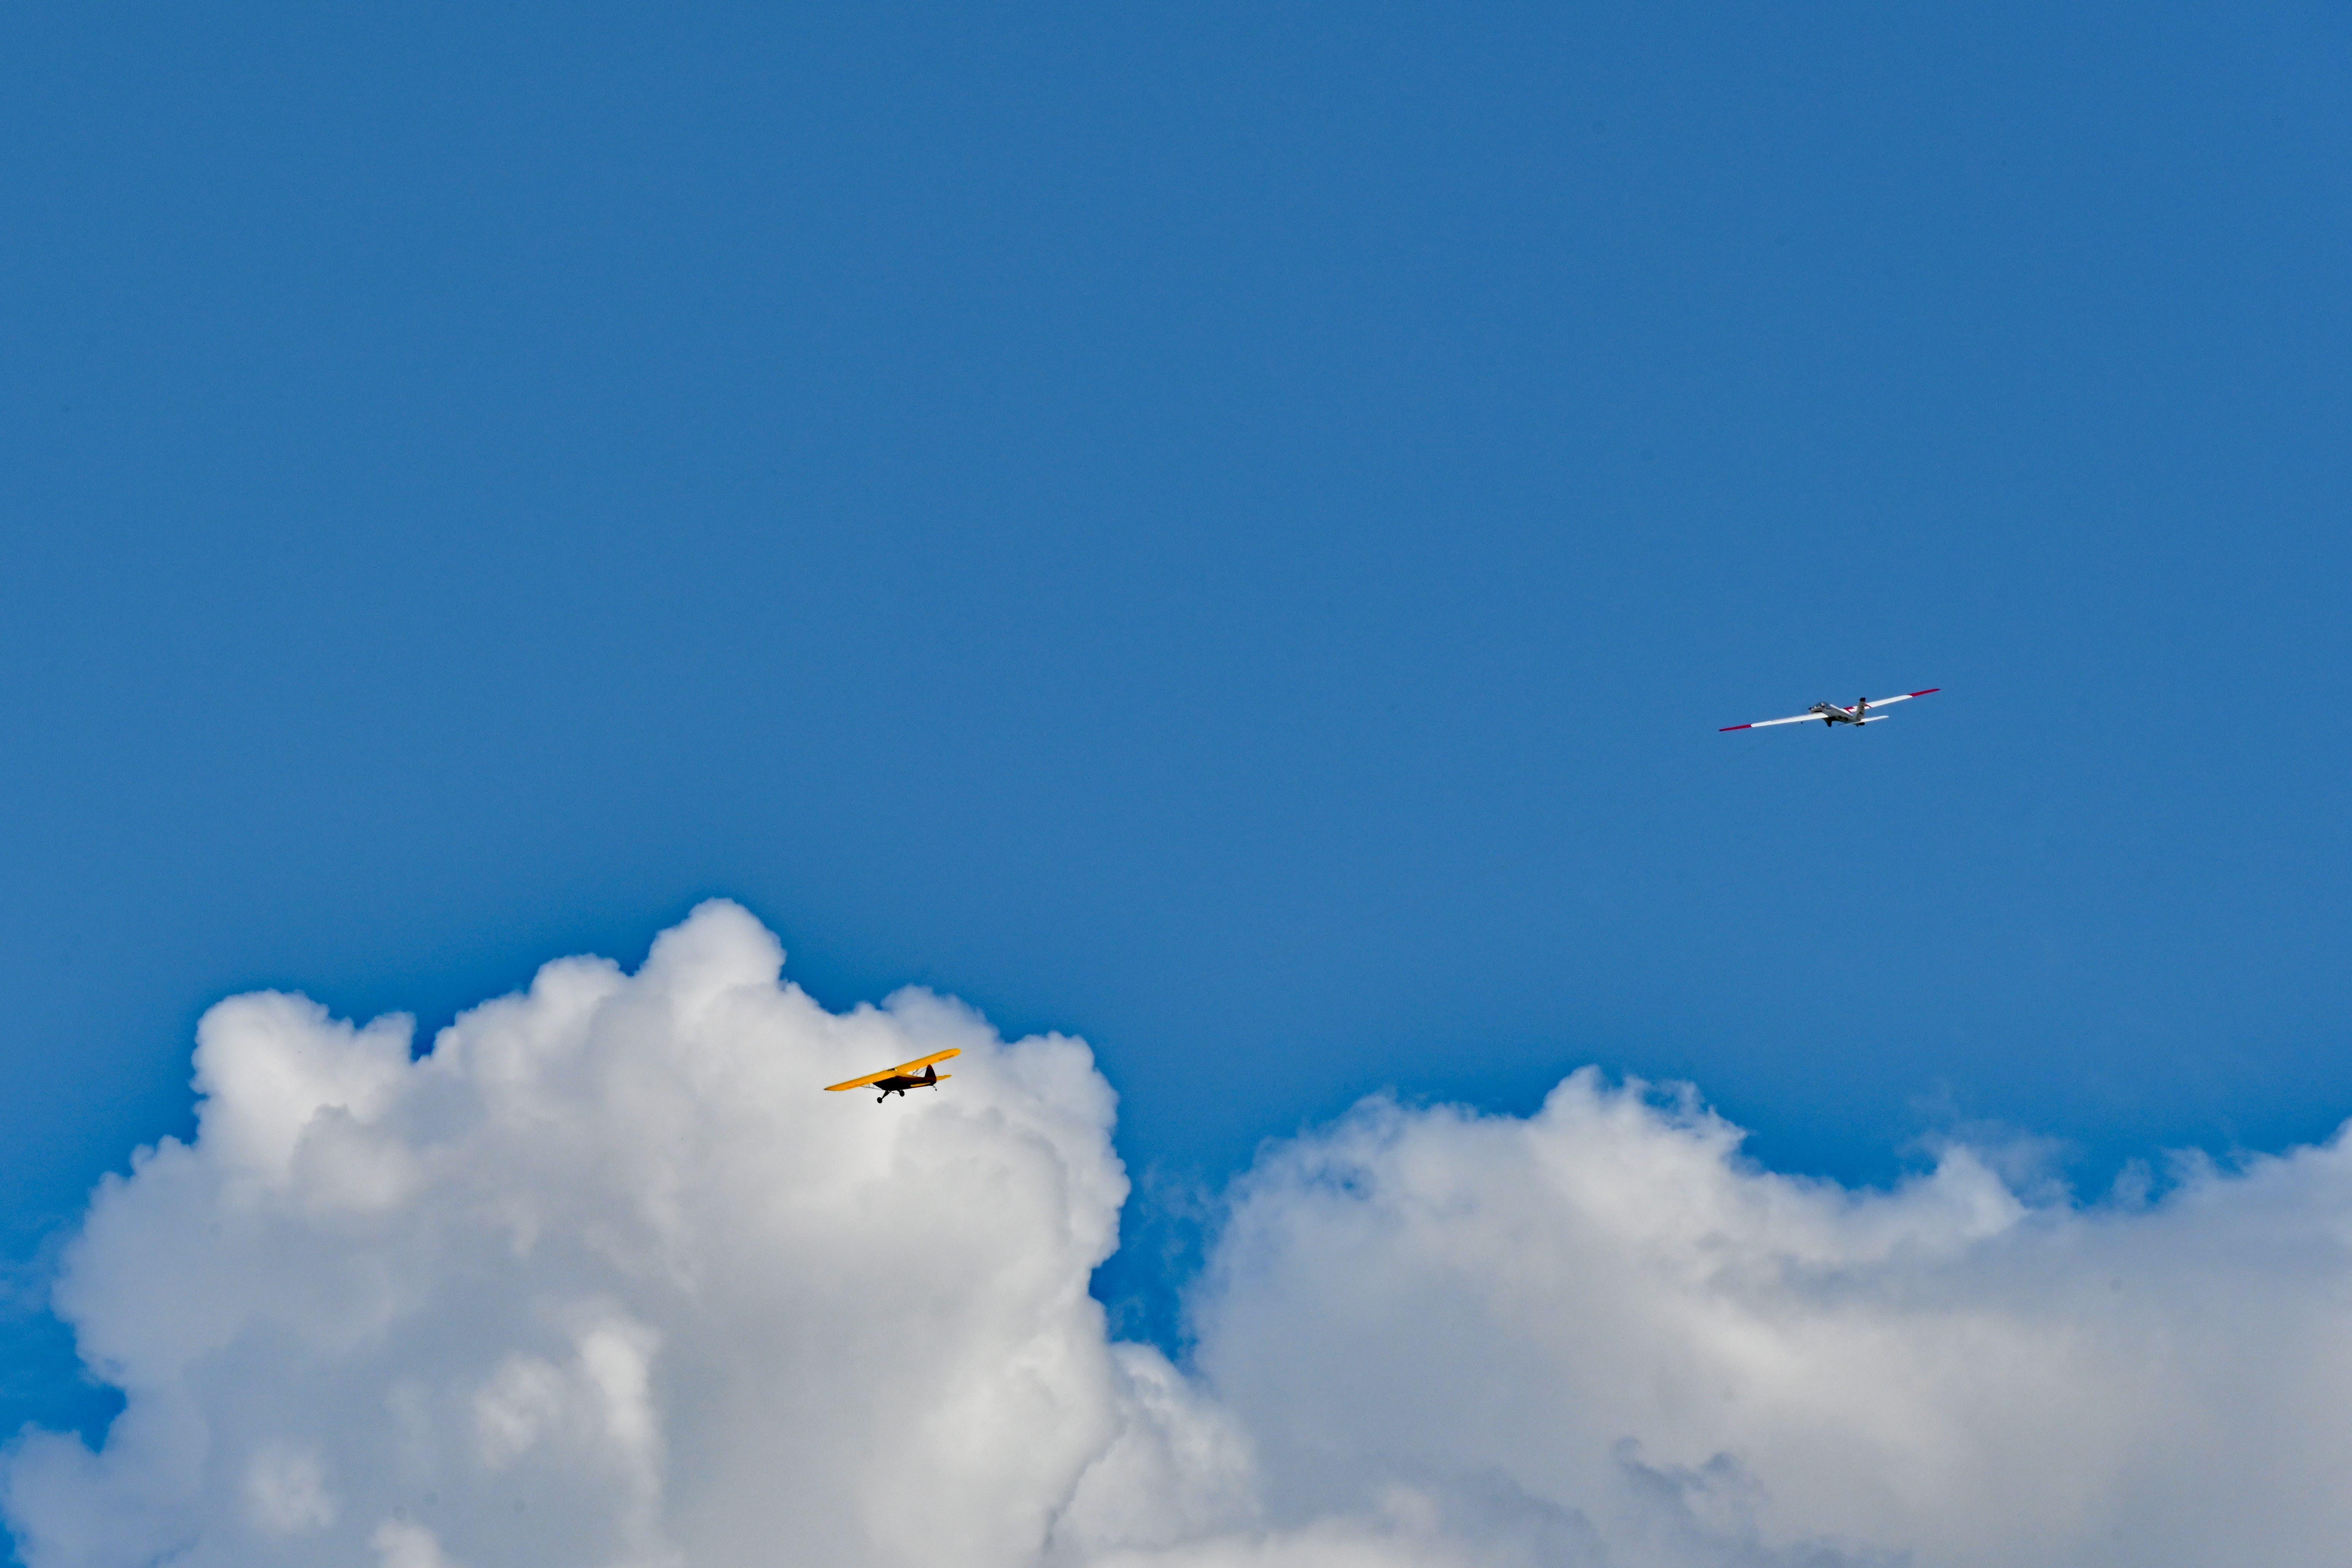 Ein Schleppflugzeug zieht das 16 Kilogramm schwere Segelflugzeug mit 5 Metern Spannweite von Hans Gratwohl in die Höhe.